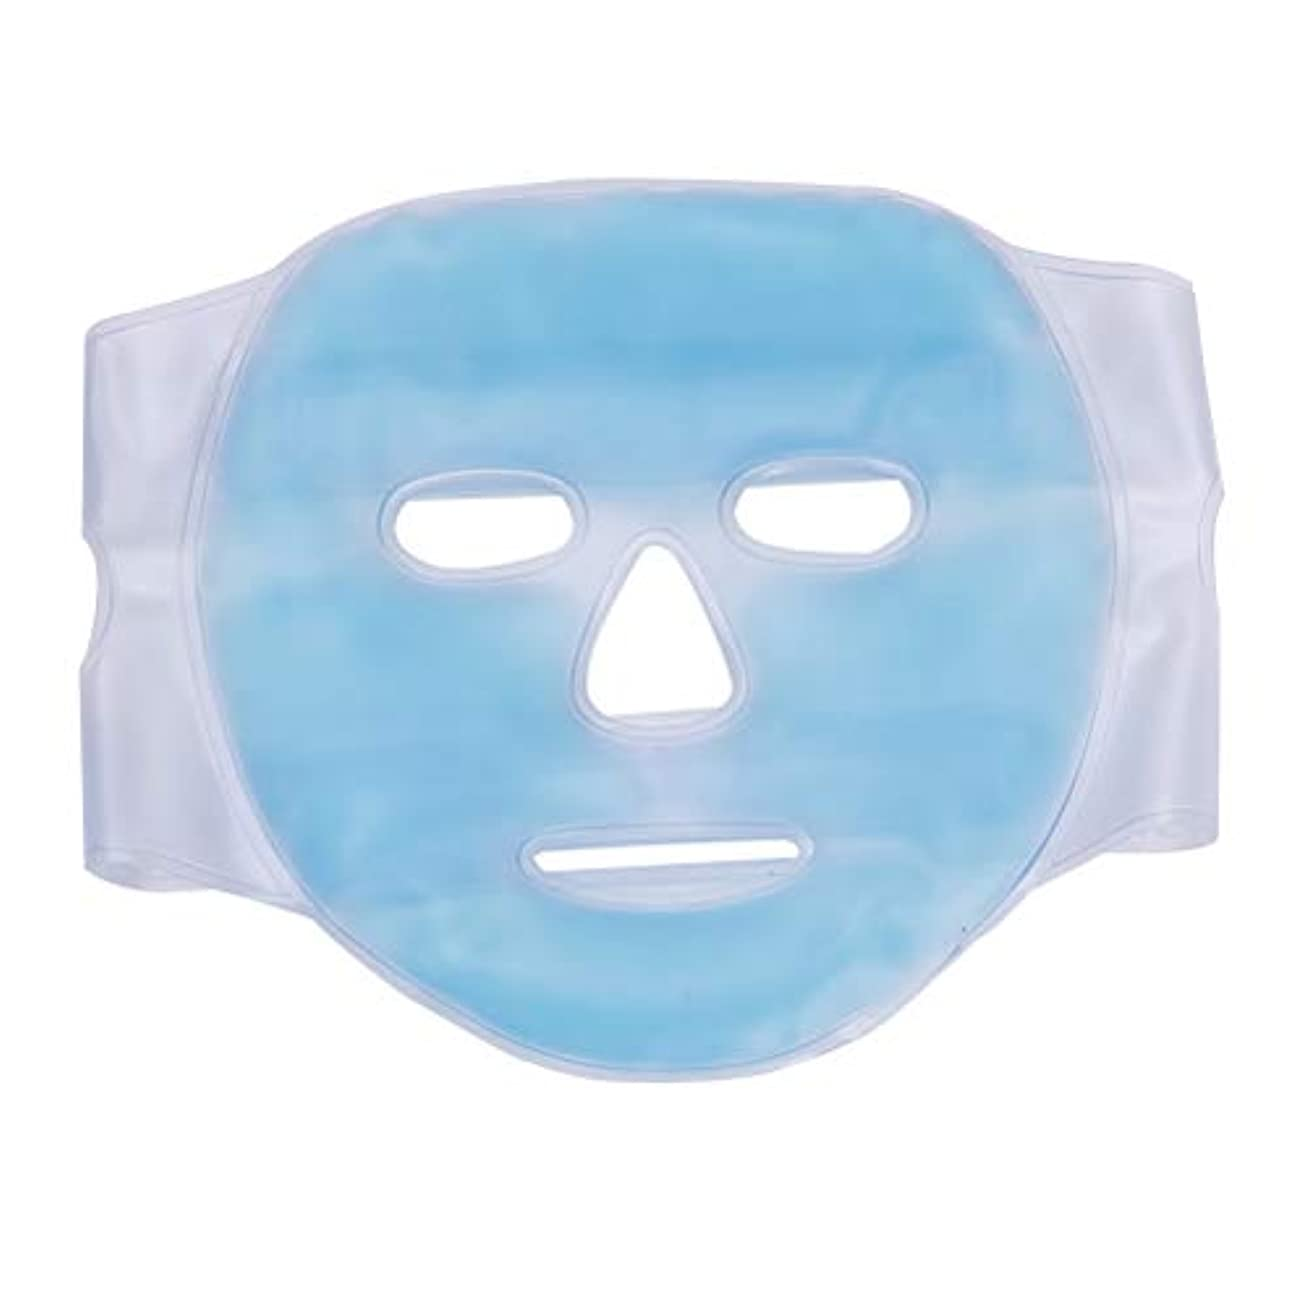 Healifty Gelコールド&ホットコンプレッションフェイシャルPVCアイスマスクフェイス(腫れぼったい顔用)ふくらんでいる目ダークサークル(ブルー)